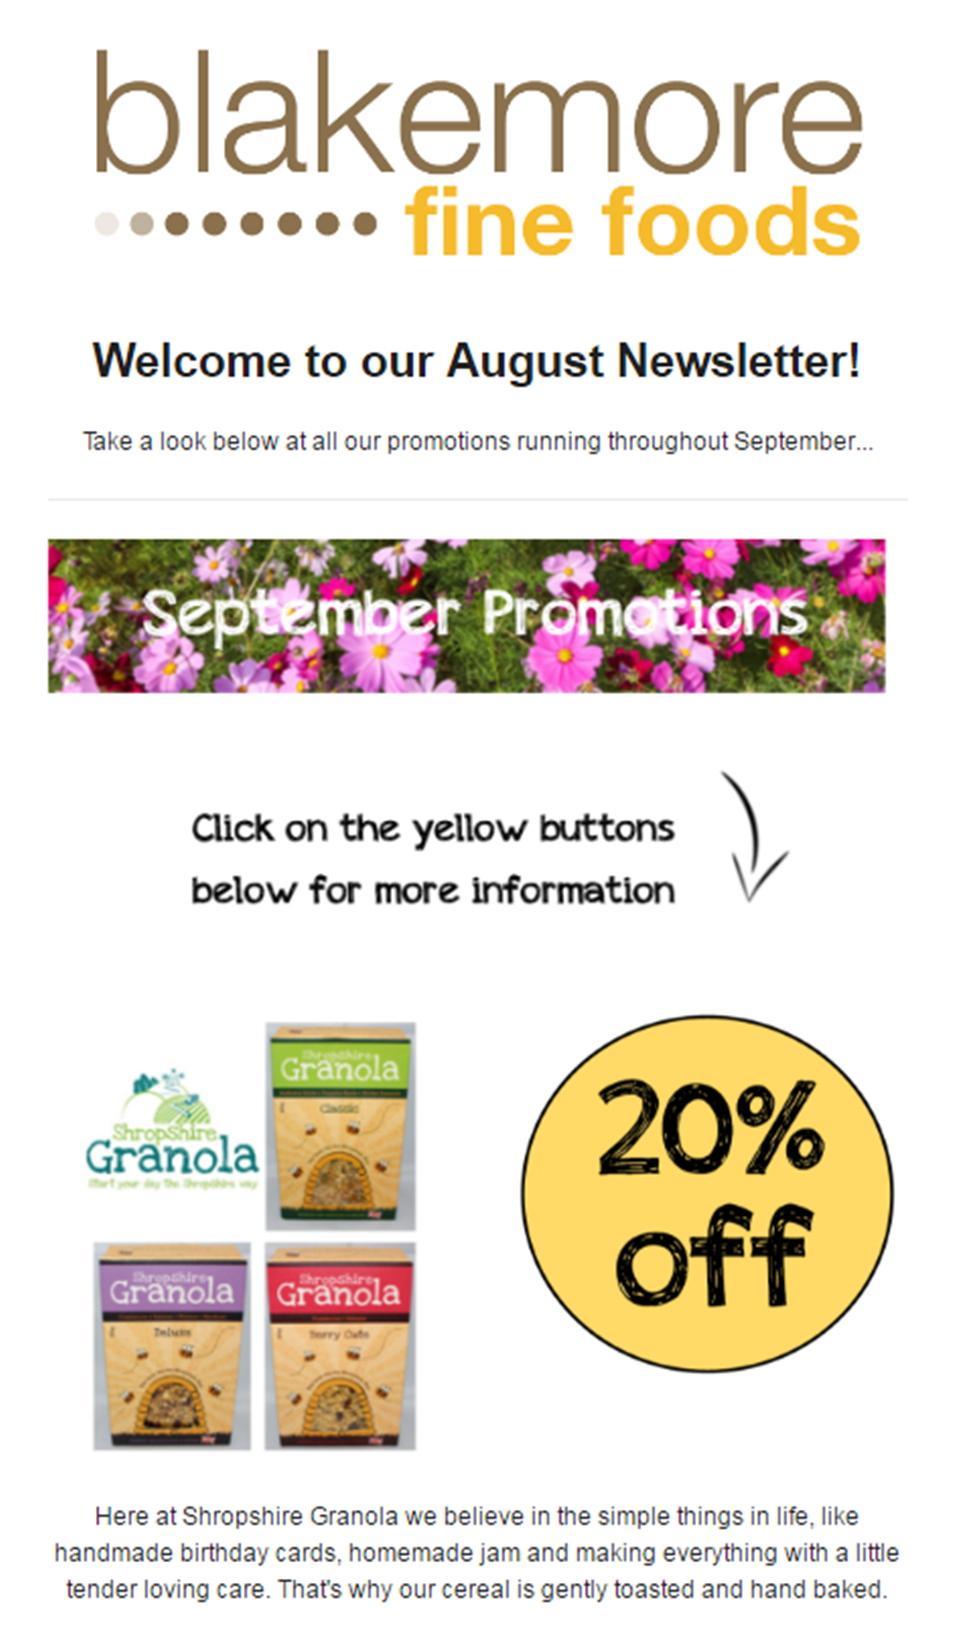 Blakemore_Fine_Foods_August_e-newsletter